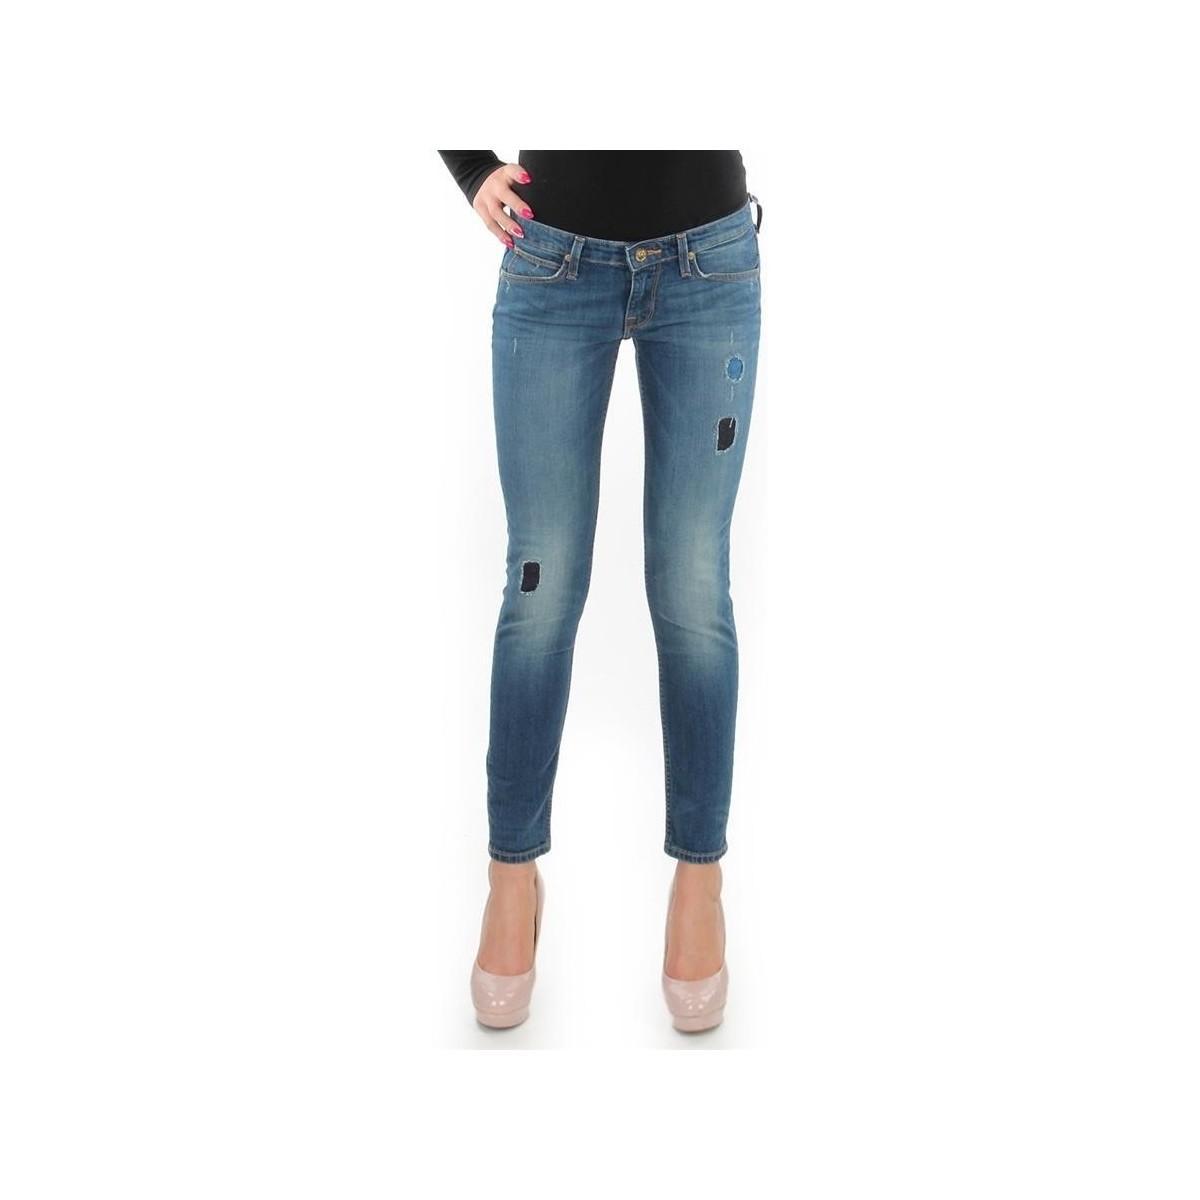 3231a2c4 Lee Jeans Spodnie Lynn Skinny Patched 357dnxa Women's In Blue in ...